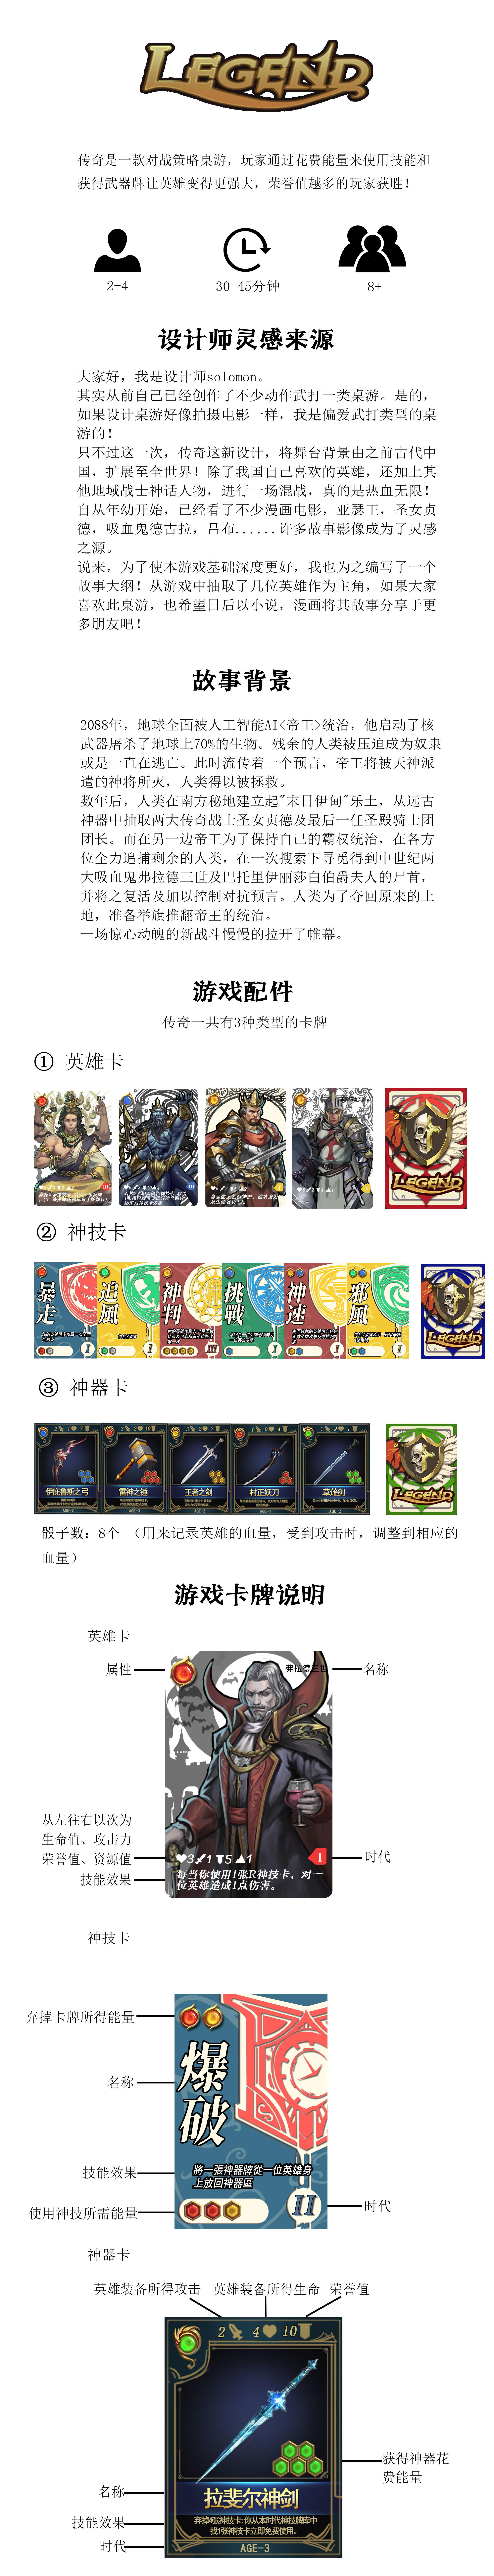 cs3-1_看图王.jpg